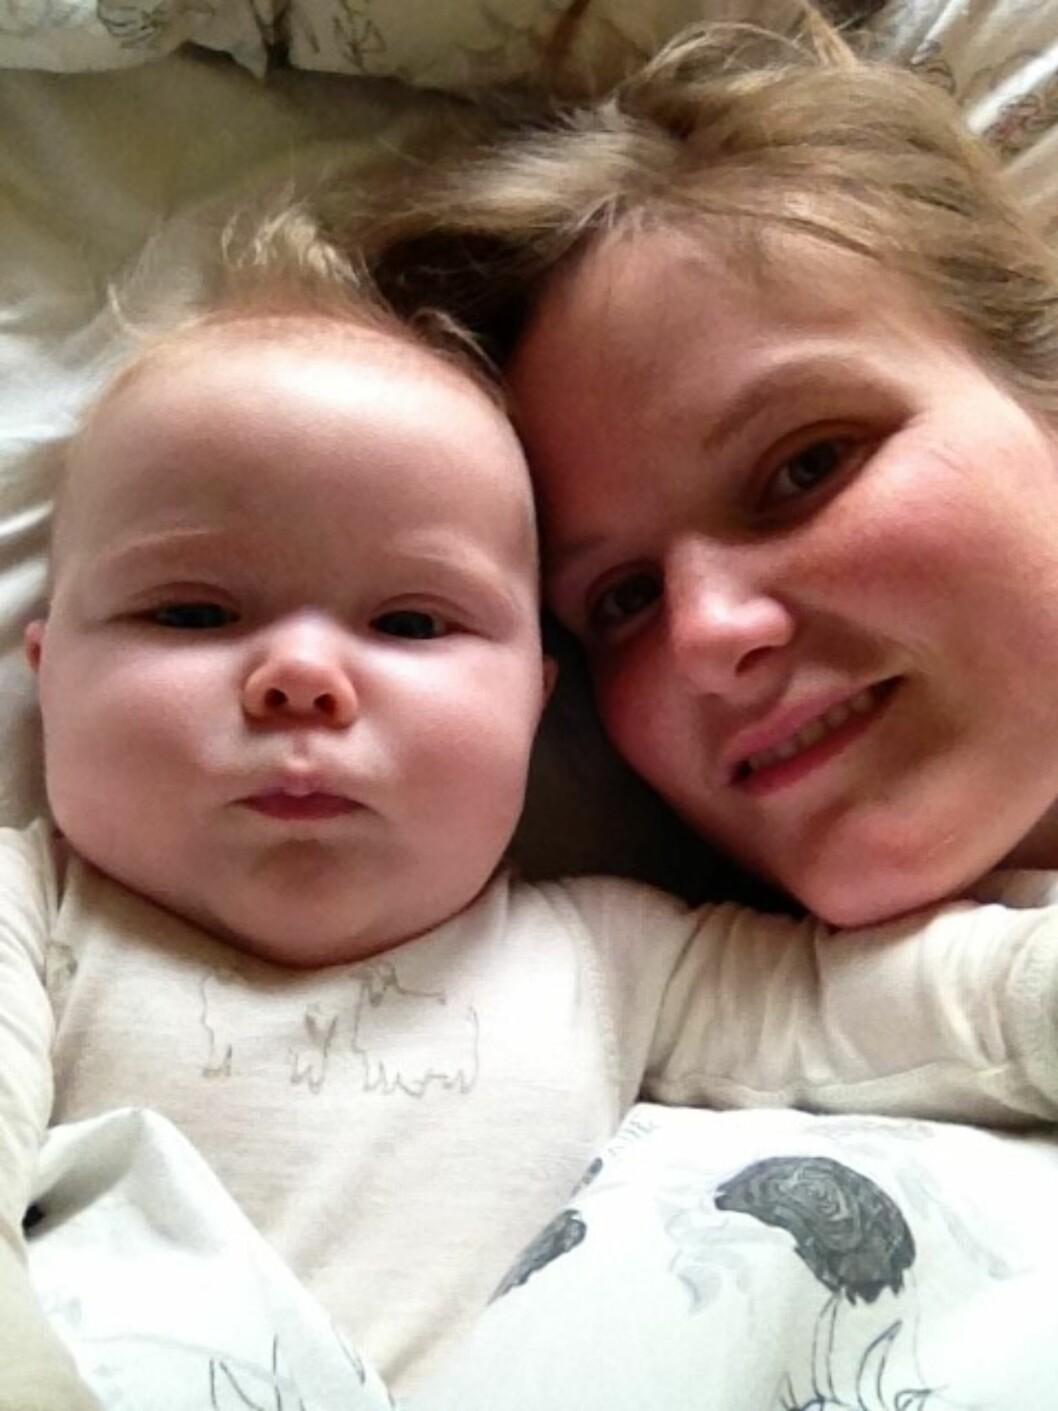 GOD FØDSELSOPPLEVELSE: - Vi hadde en veldig fin opplevelse av å føde i ambulansen, sier Magnhild. Foto: Privat